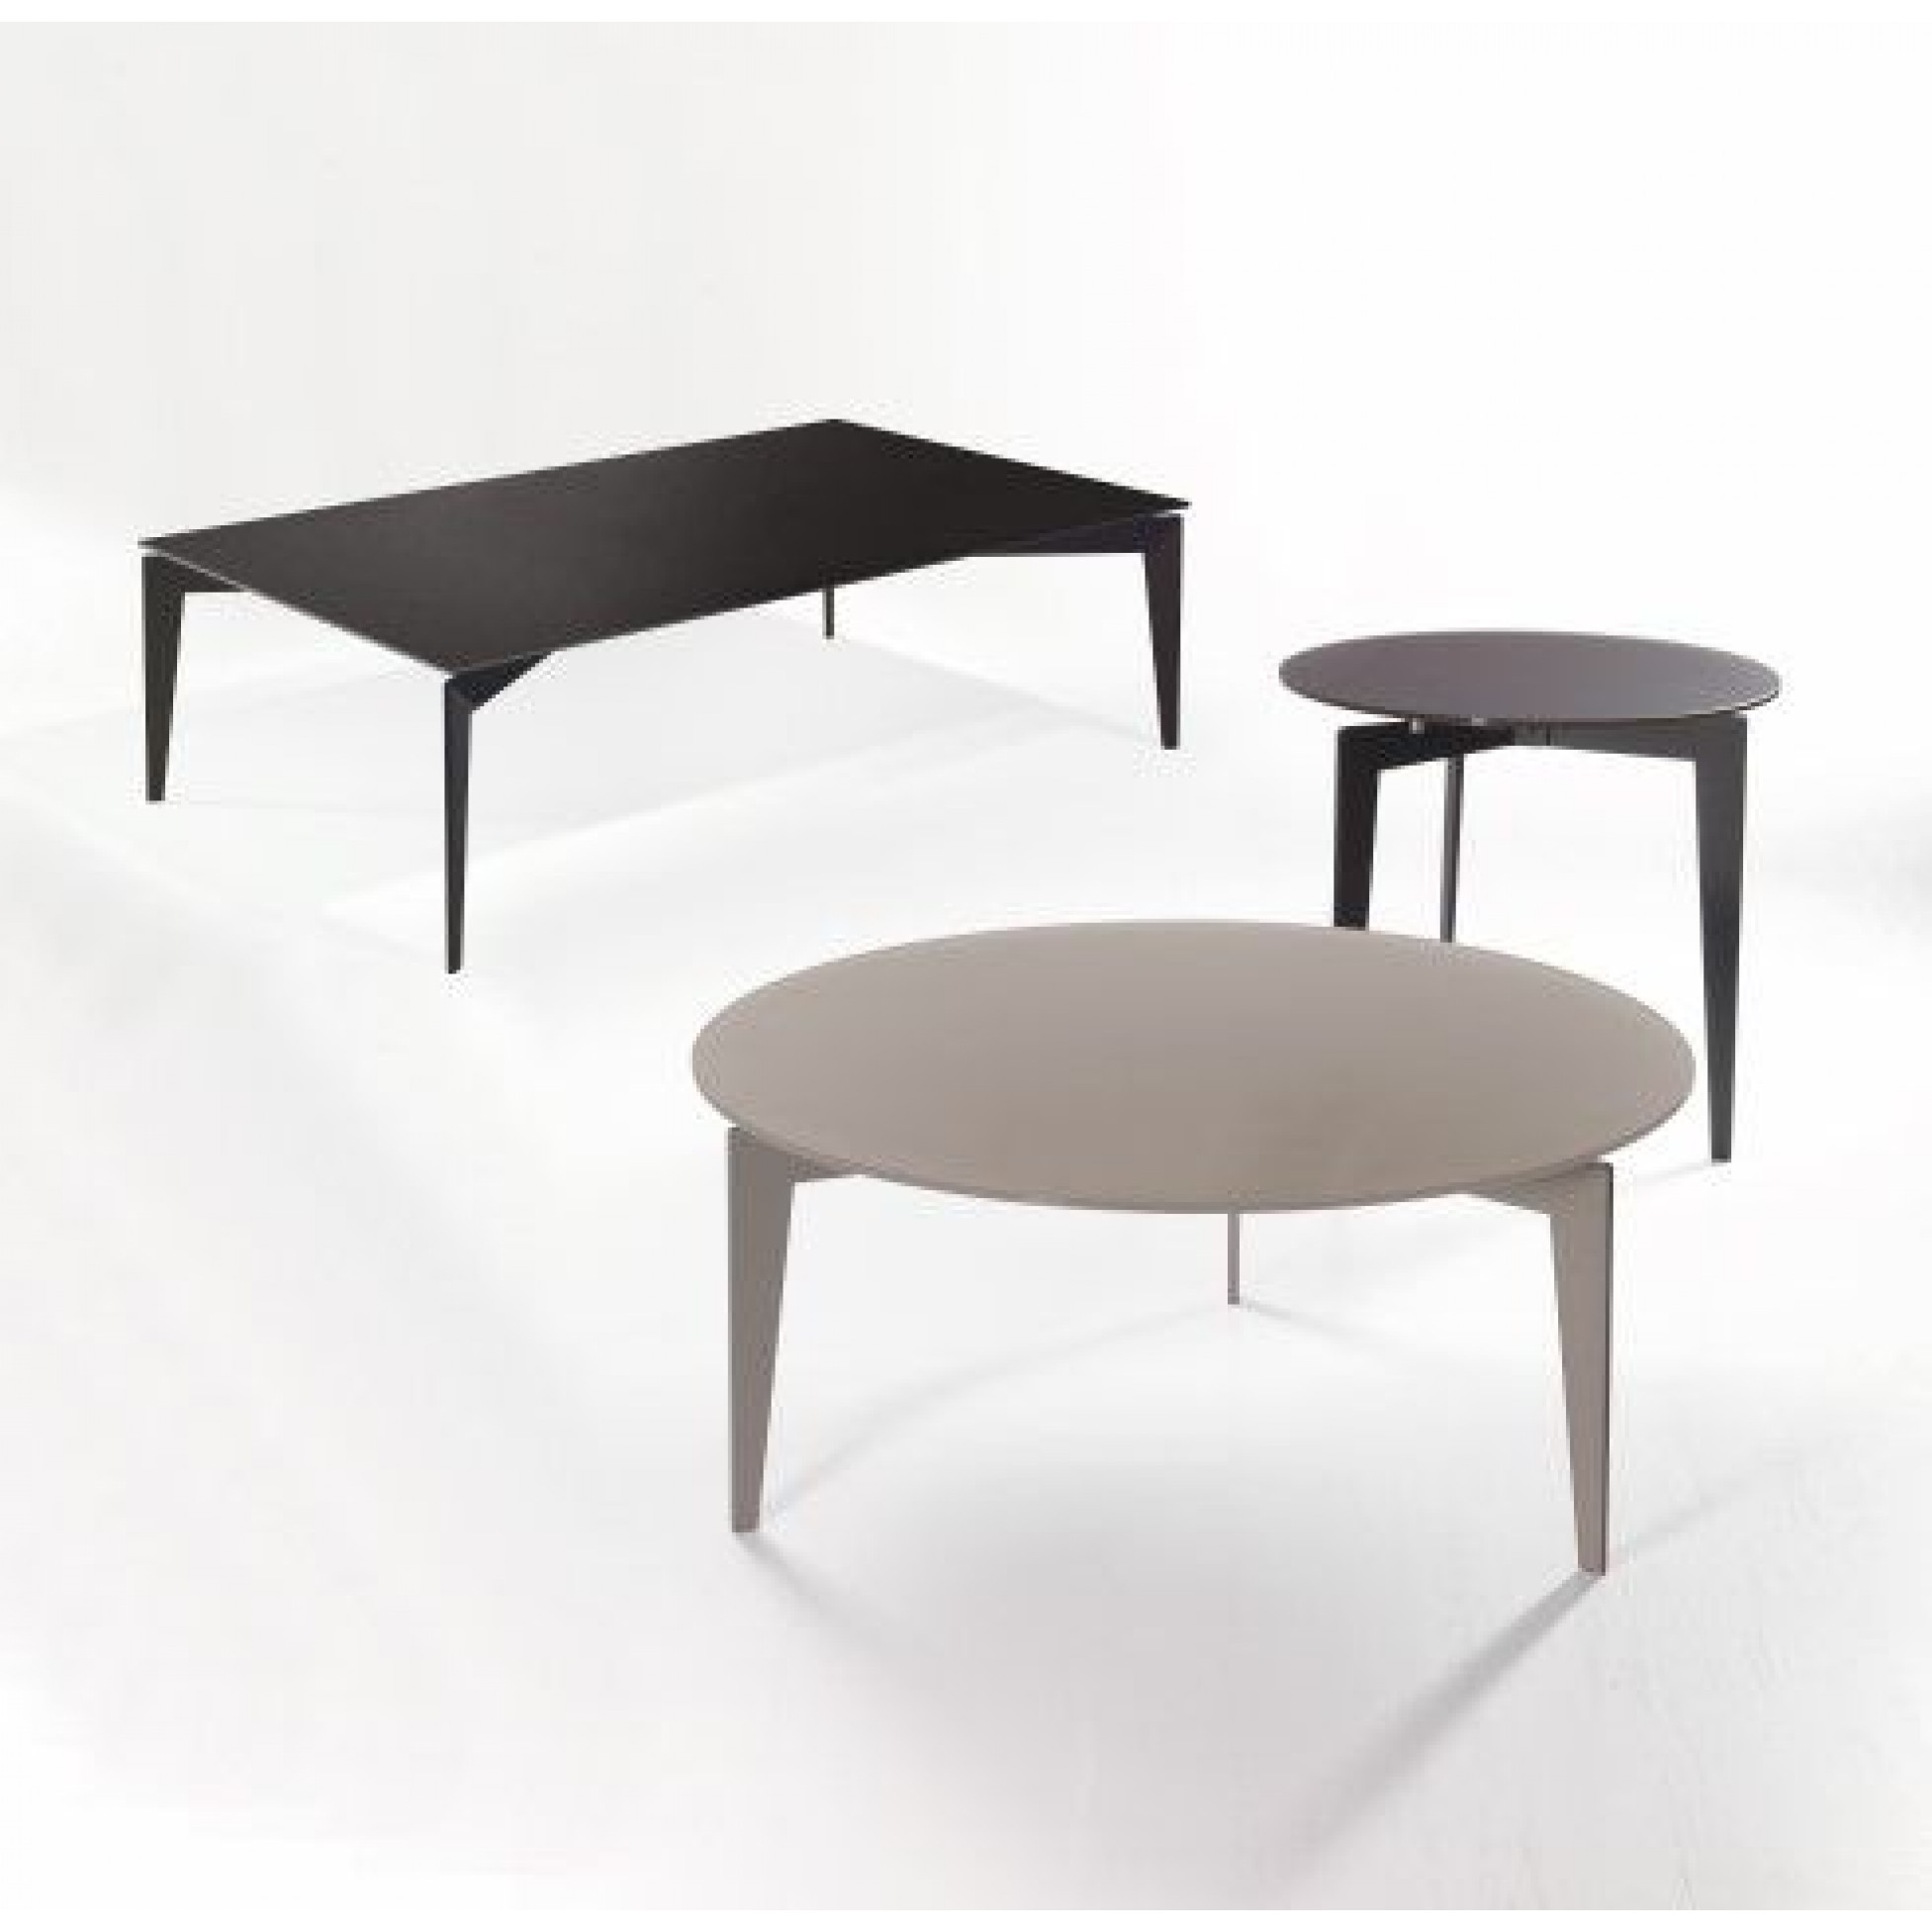 Nordic Coffee Table | Sandblasted Ardesia & Walnut